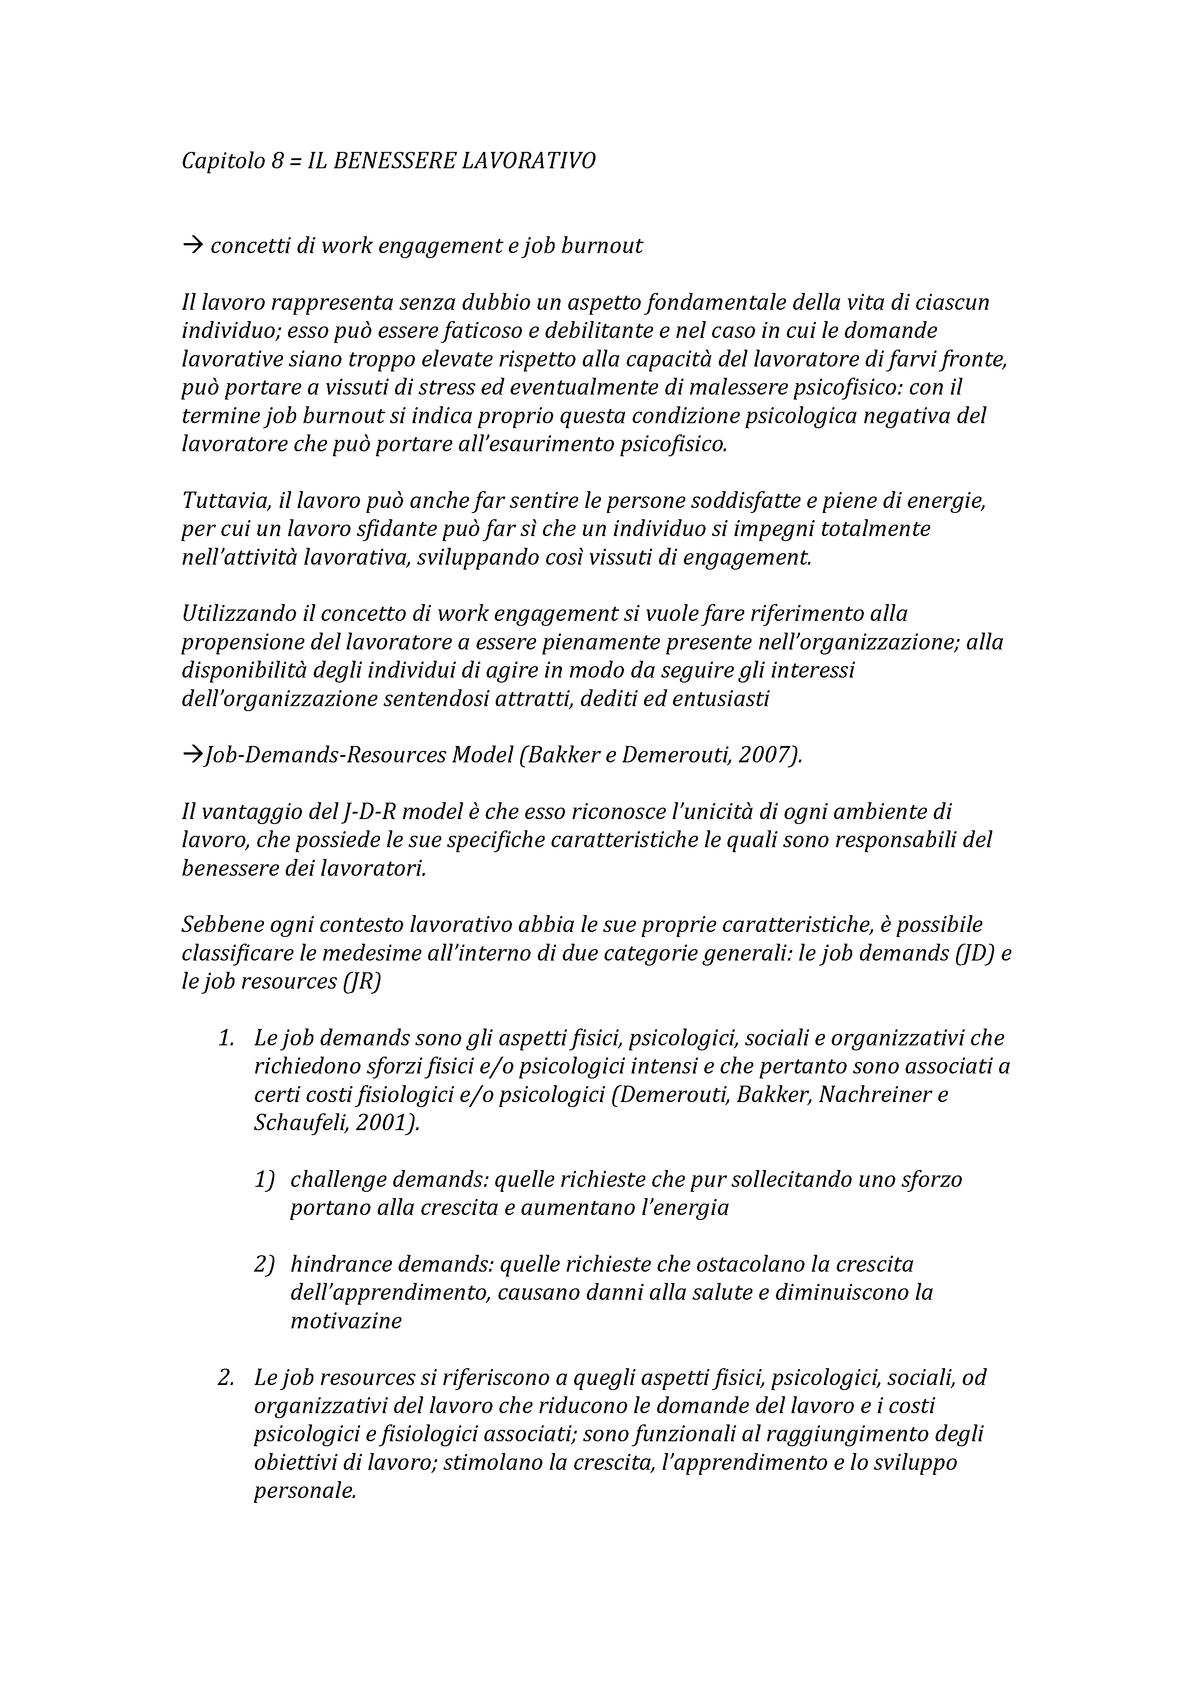 Capitolo 8 Psicologia Del Lavoro Uer Studocu